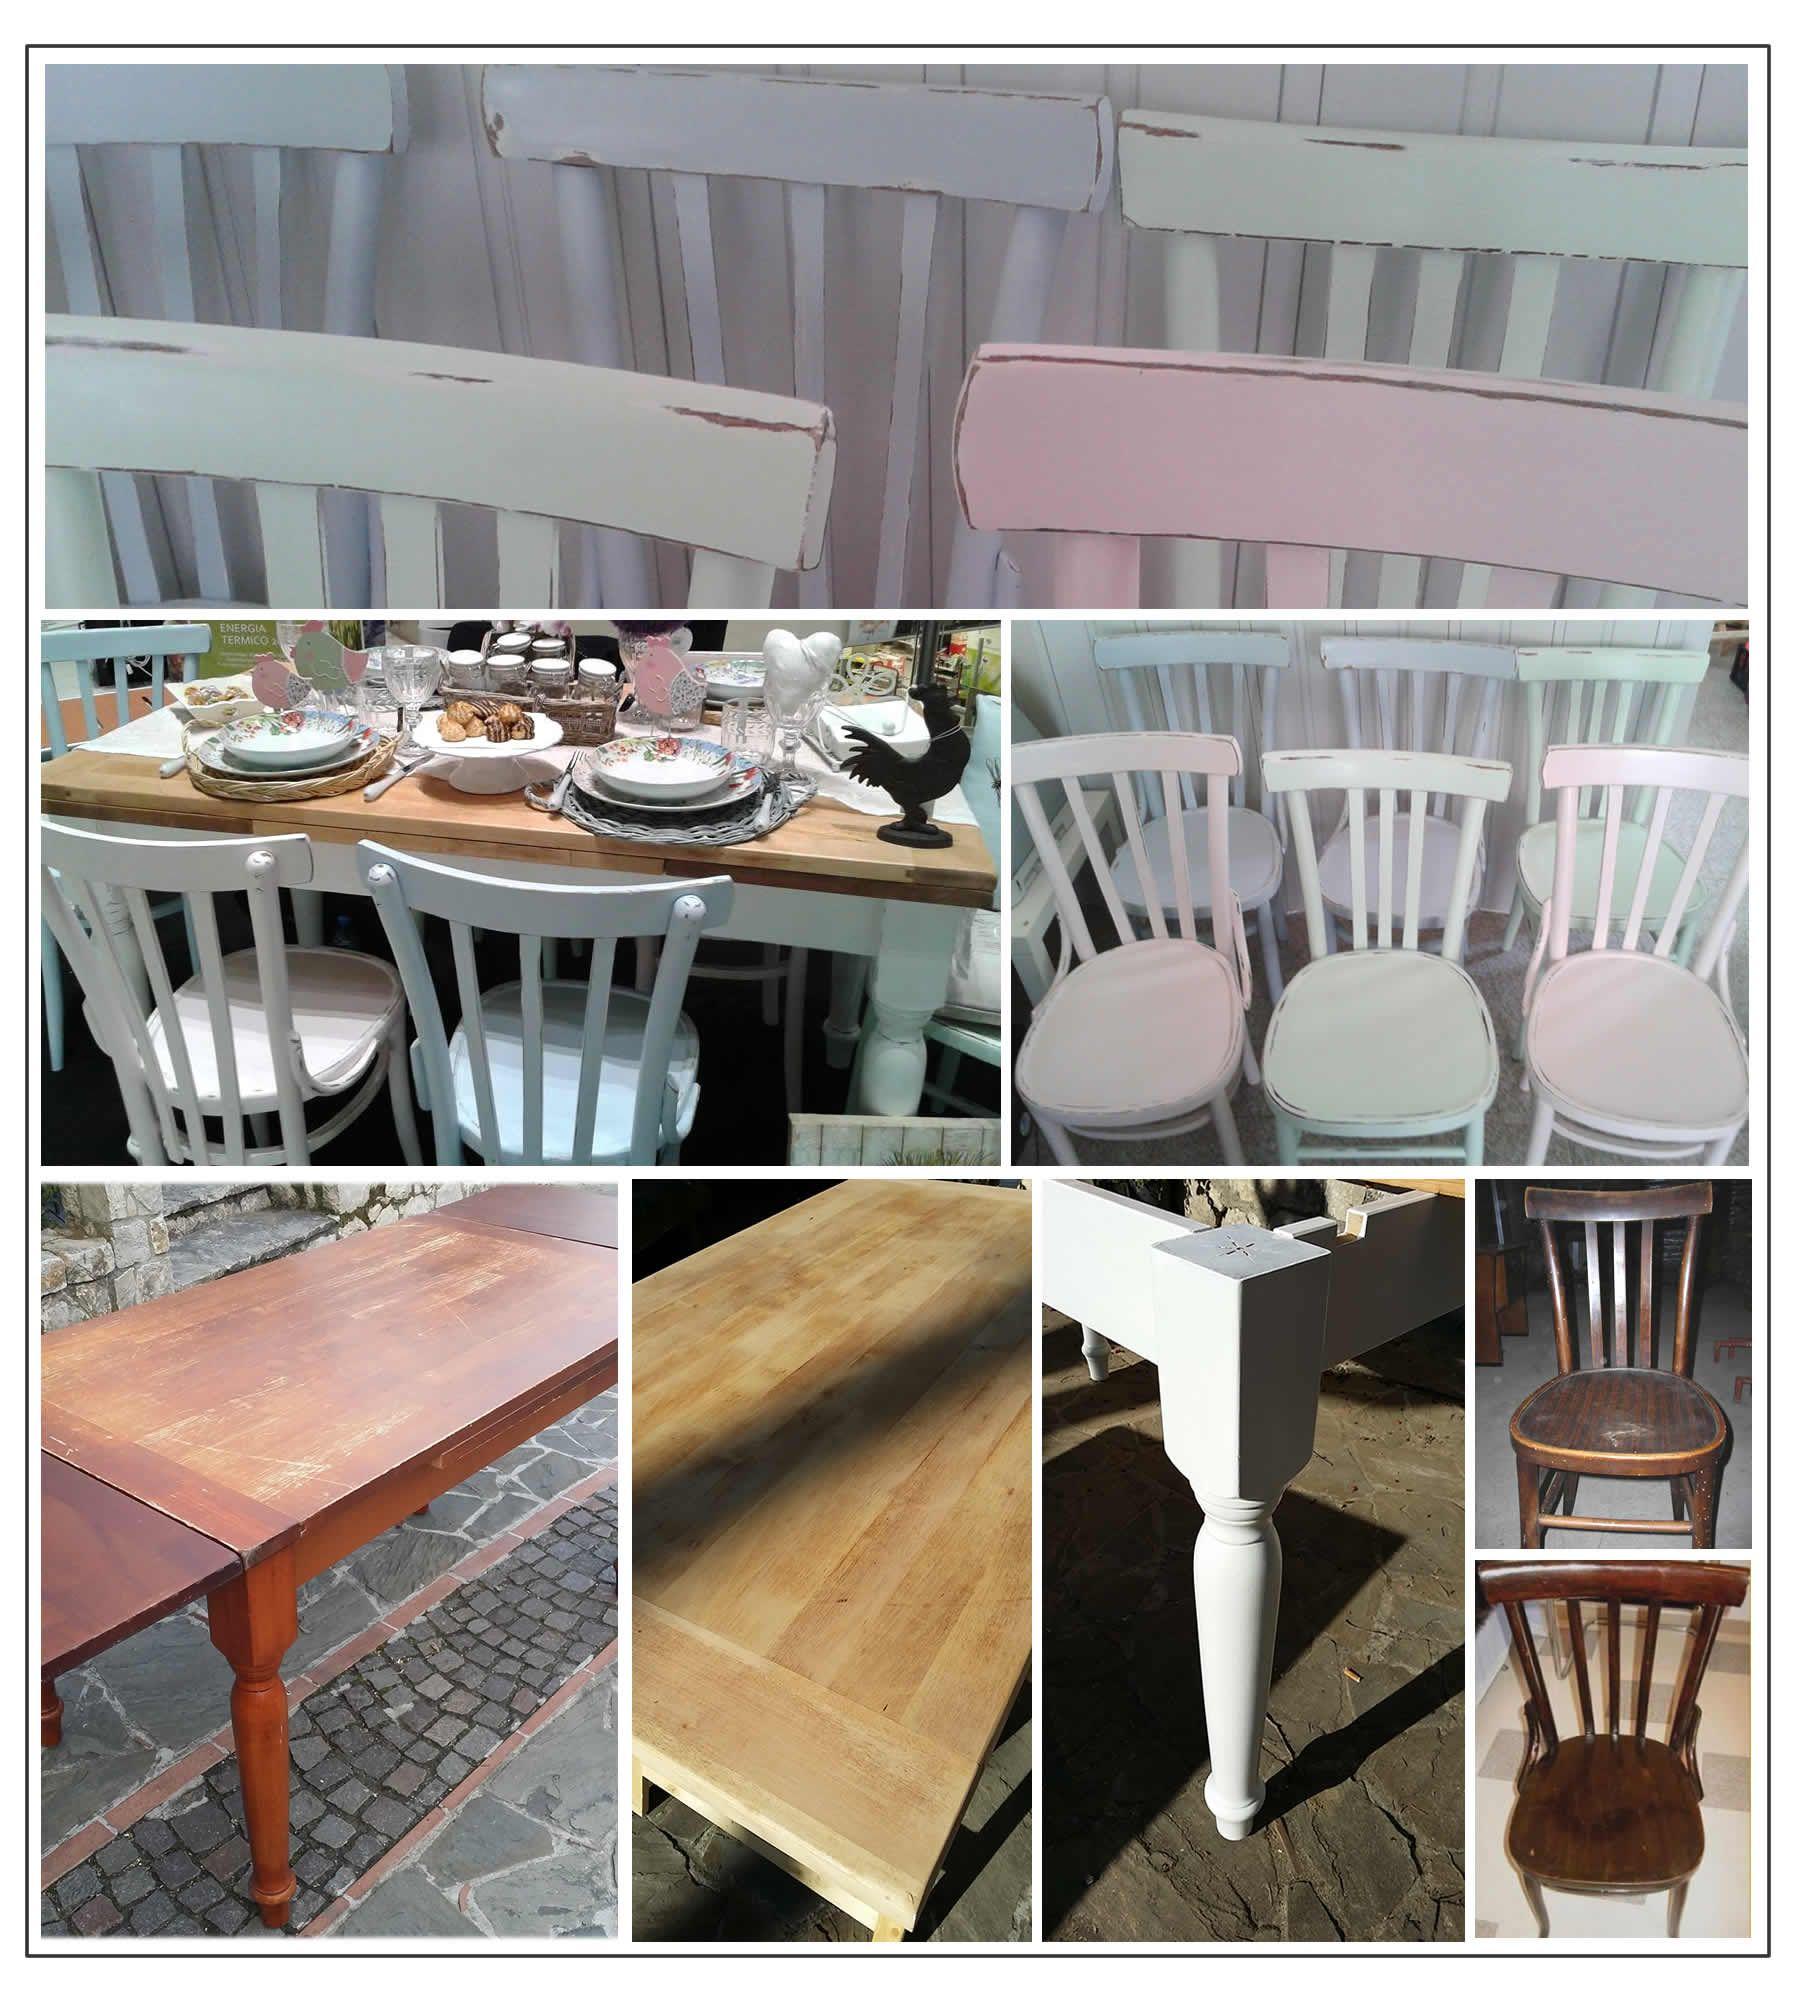 Vecchie sedie e vecchio tavolo recuperate in stile shabby colori pastello e decap relooking - Shabby chic giardino ...